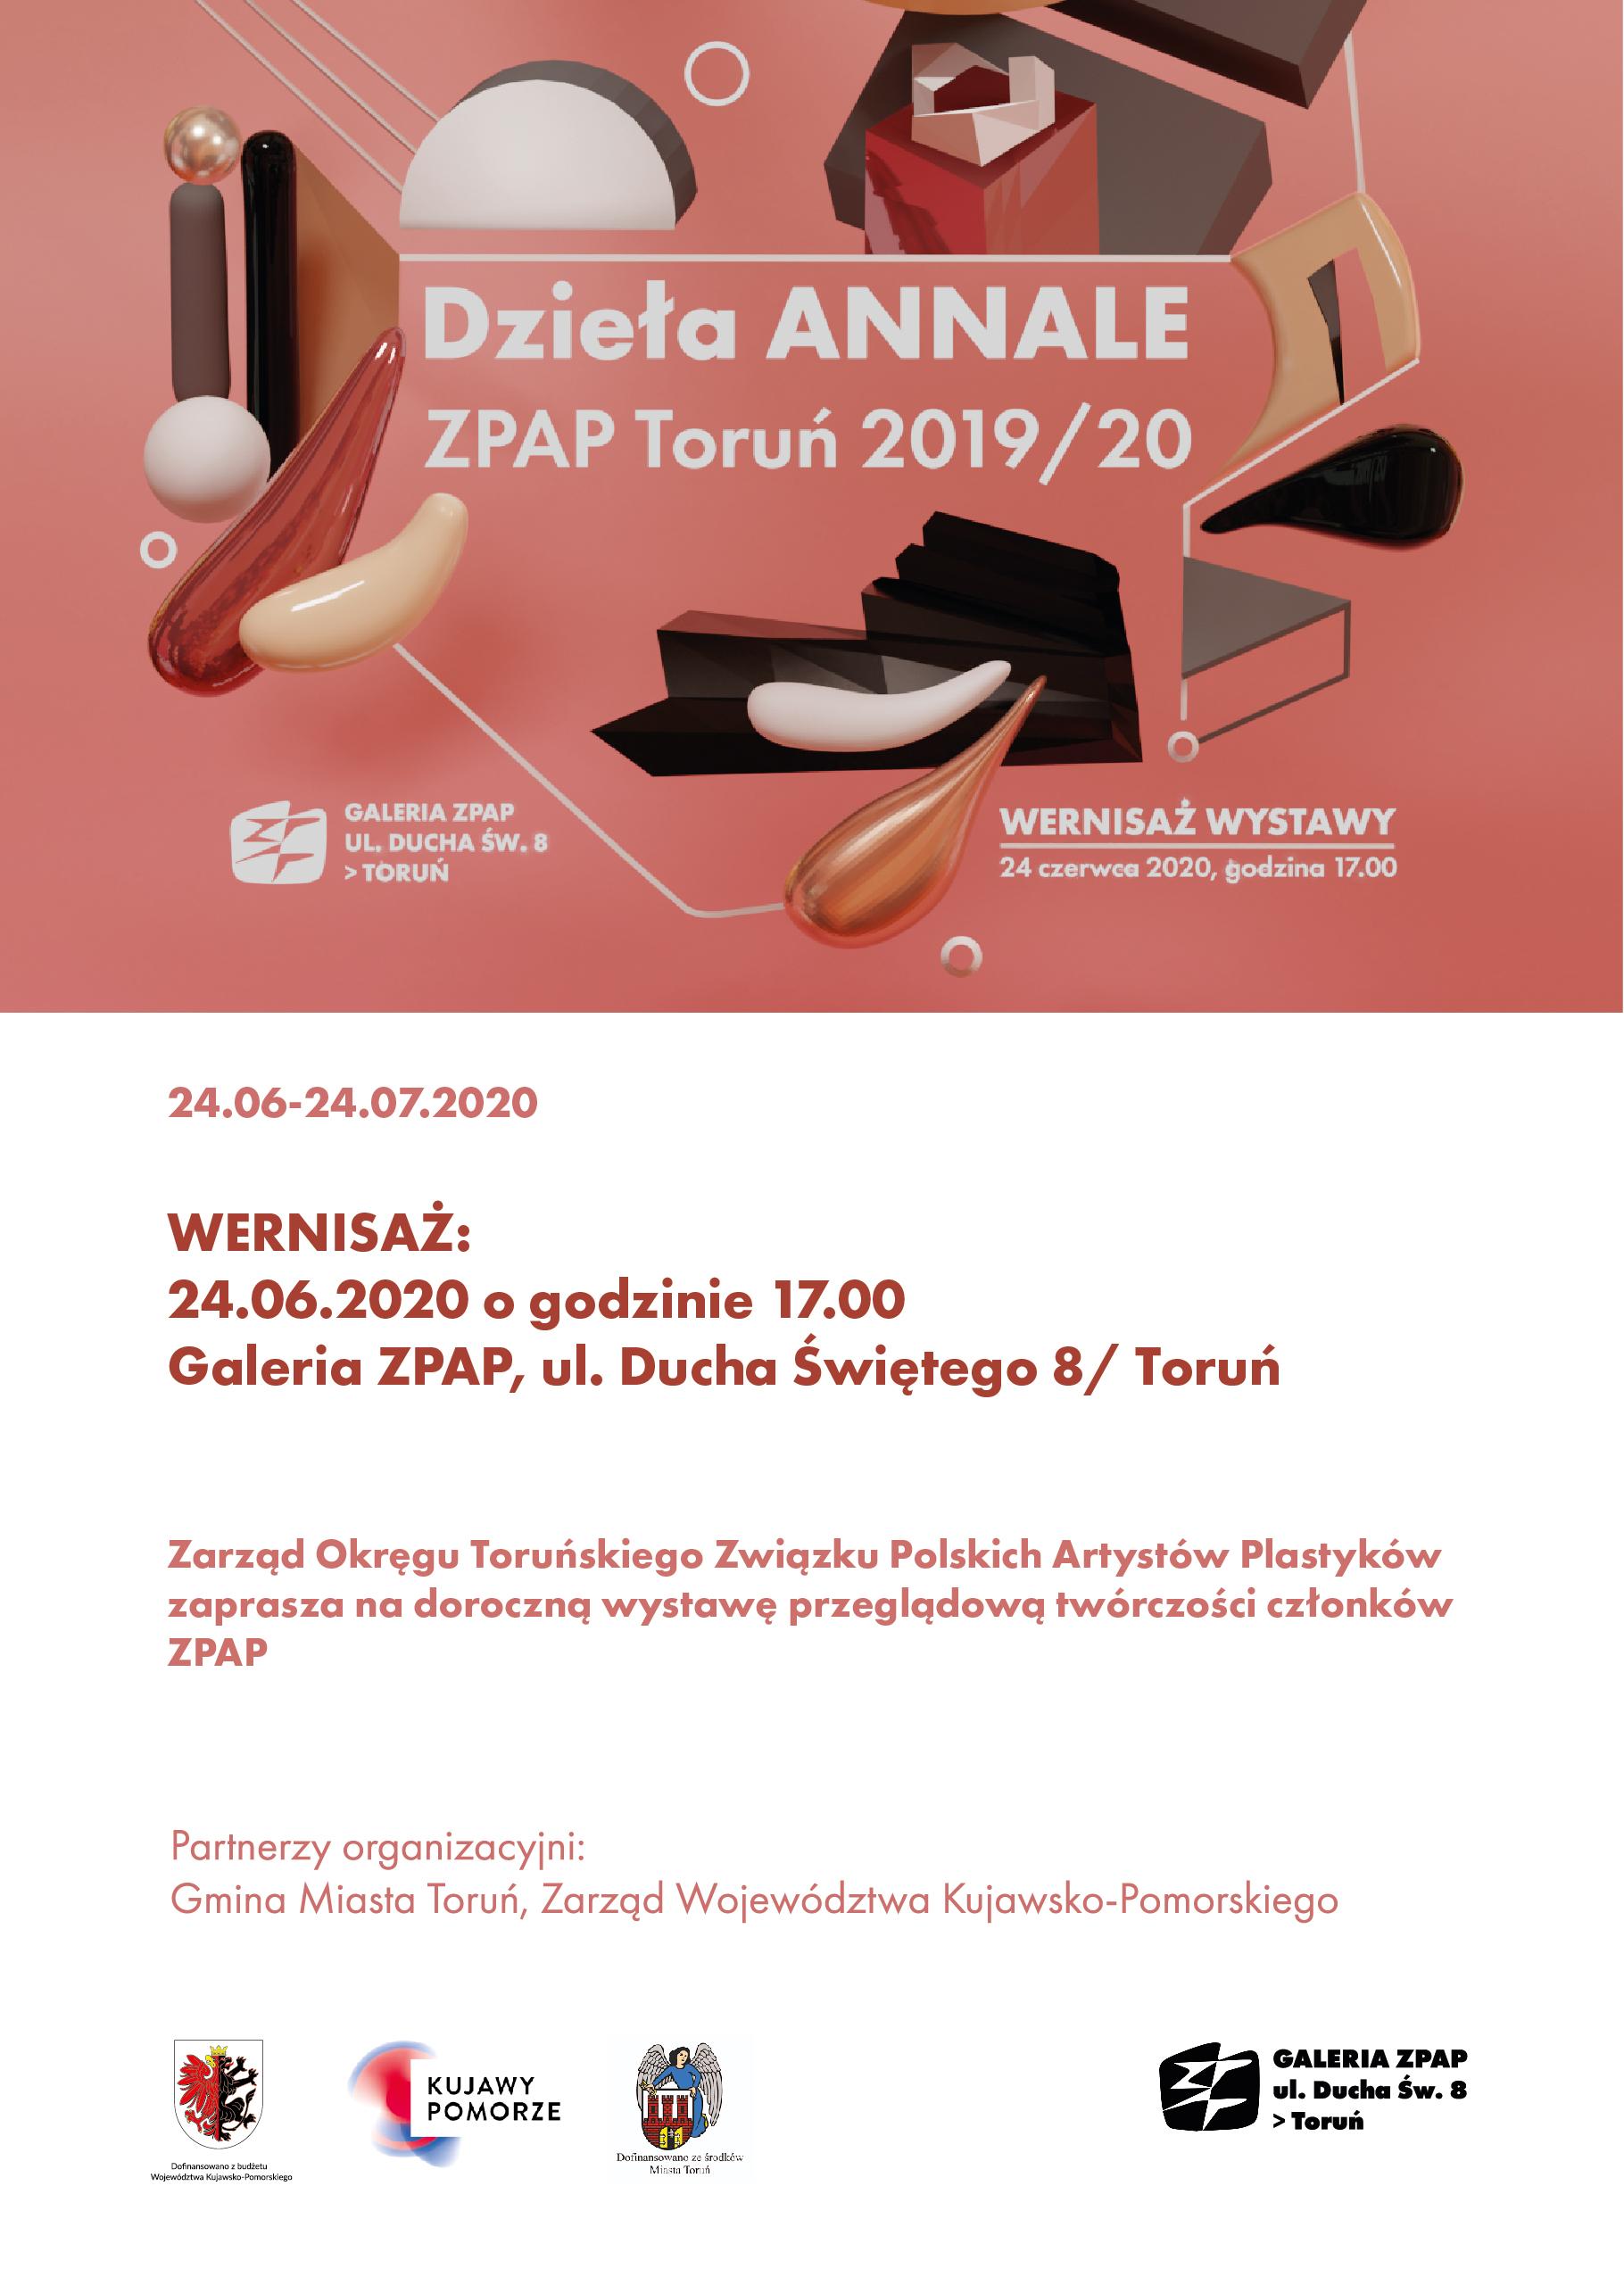 Zaproszenie na doroczną wystawę przeglądową twórczości członków ZPAP